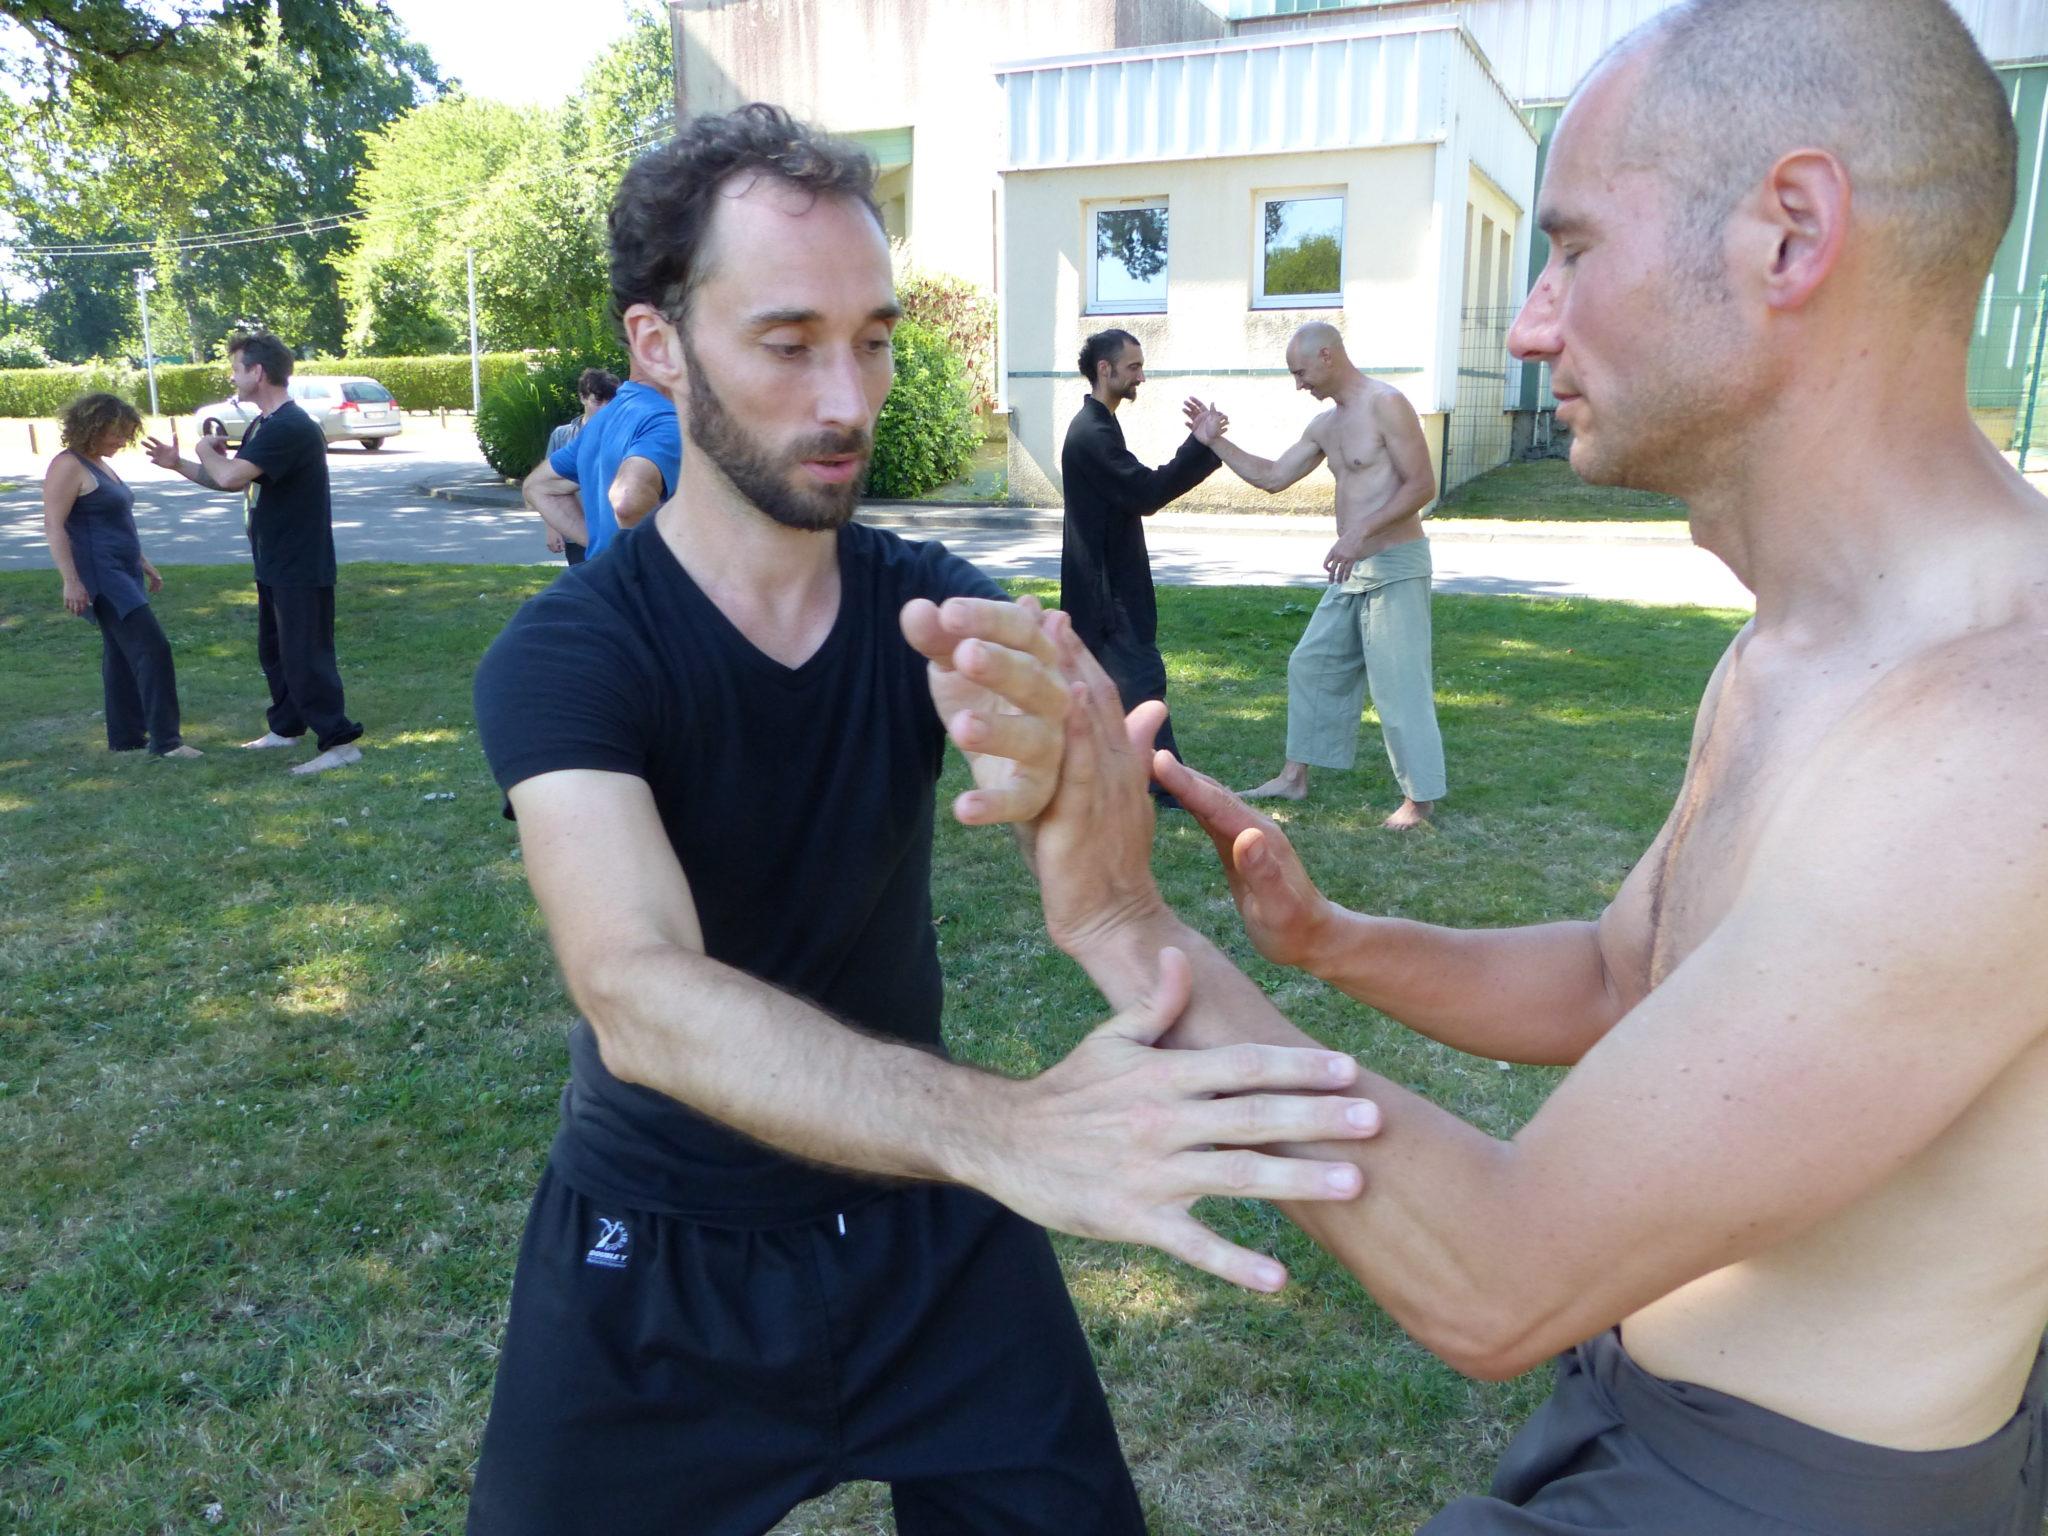 les pratiquants s'exerce à la poussé des mains, exercice classique du tai-chi